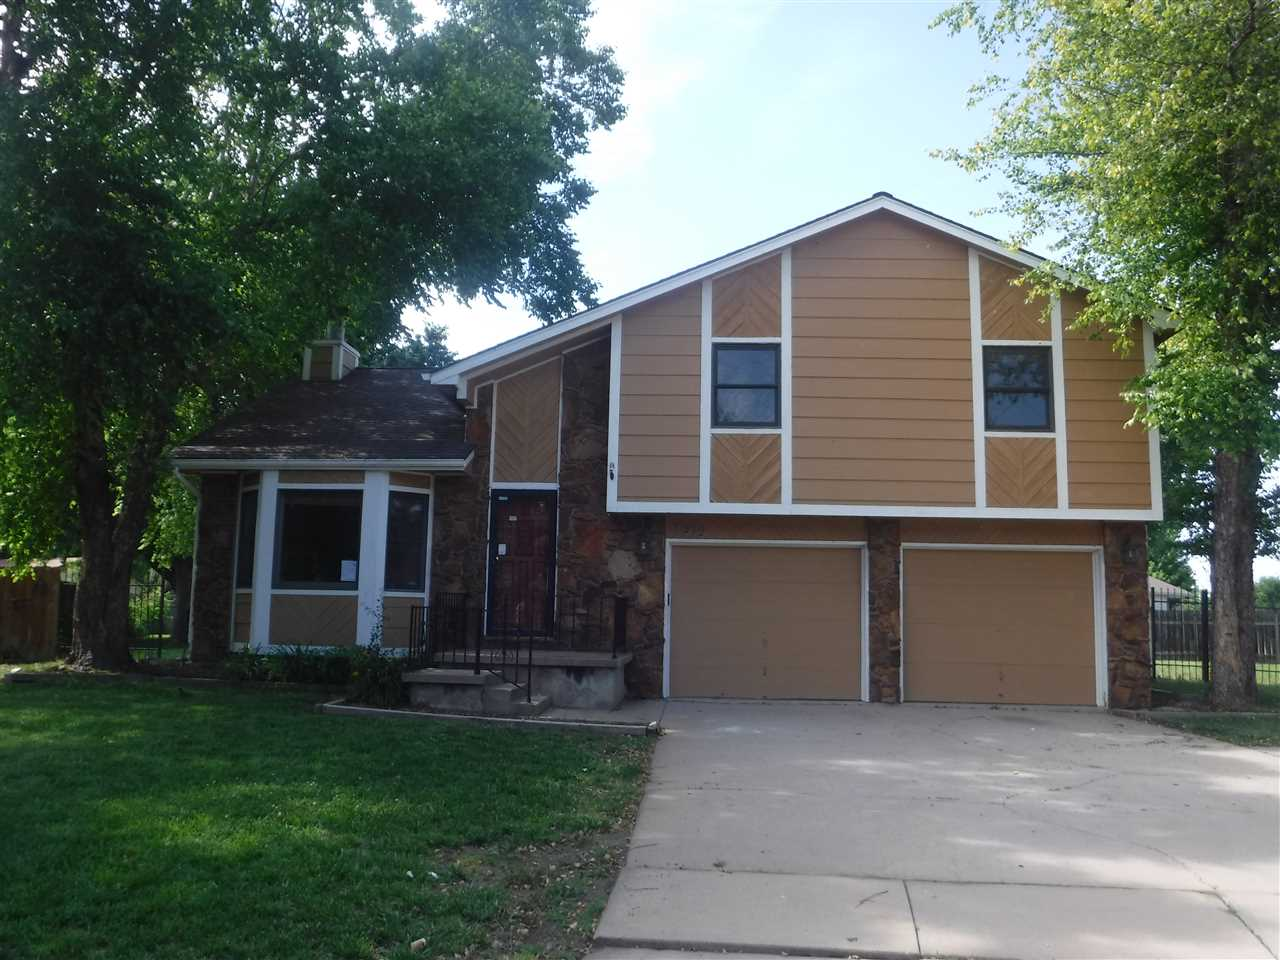 6212 Juno Ct, Wichita, KS 67215